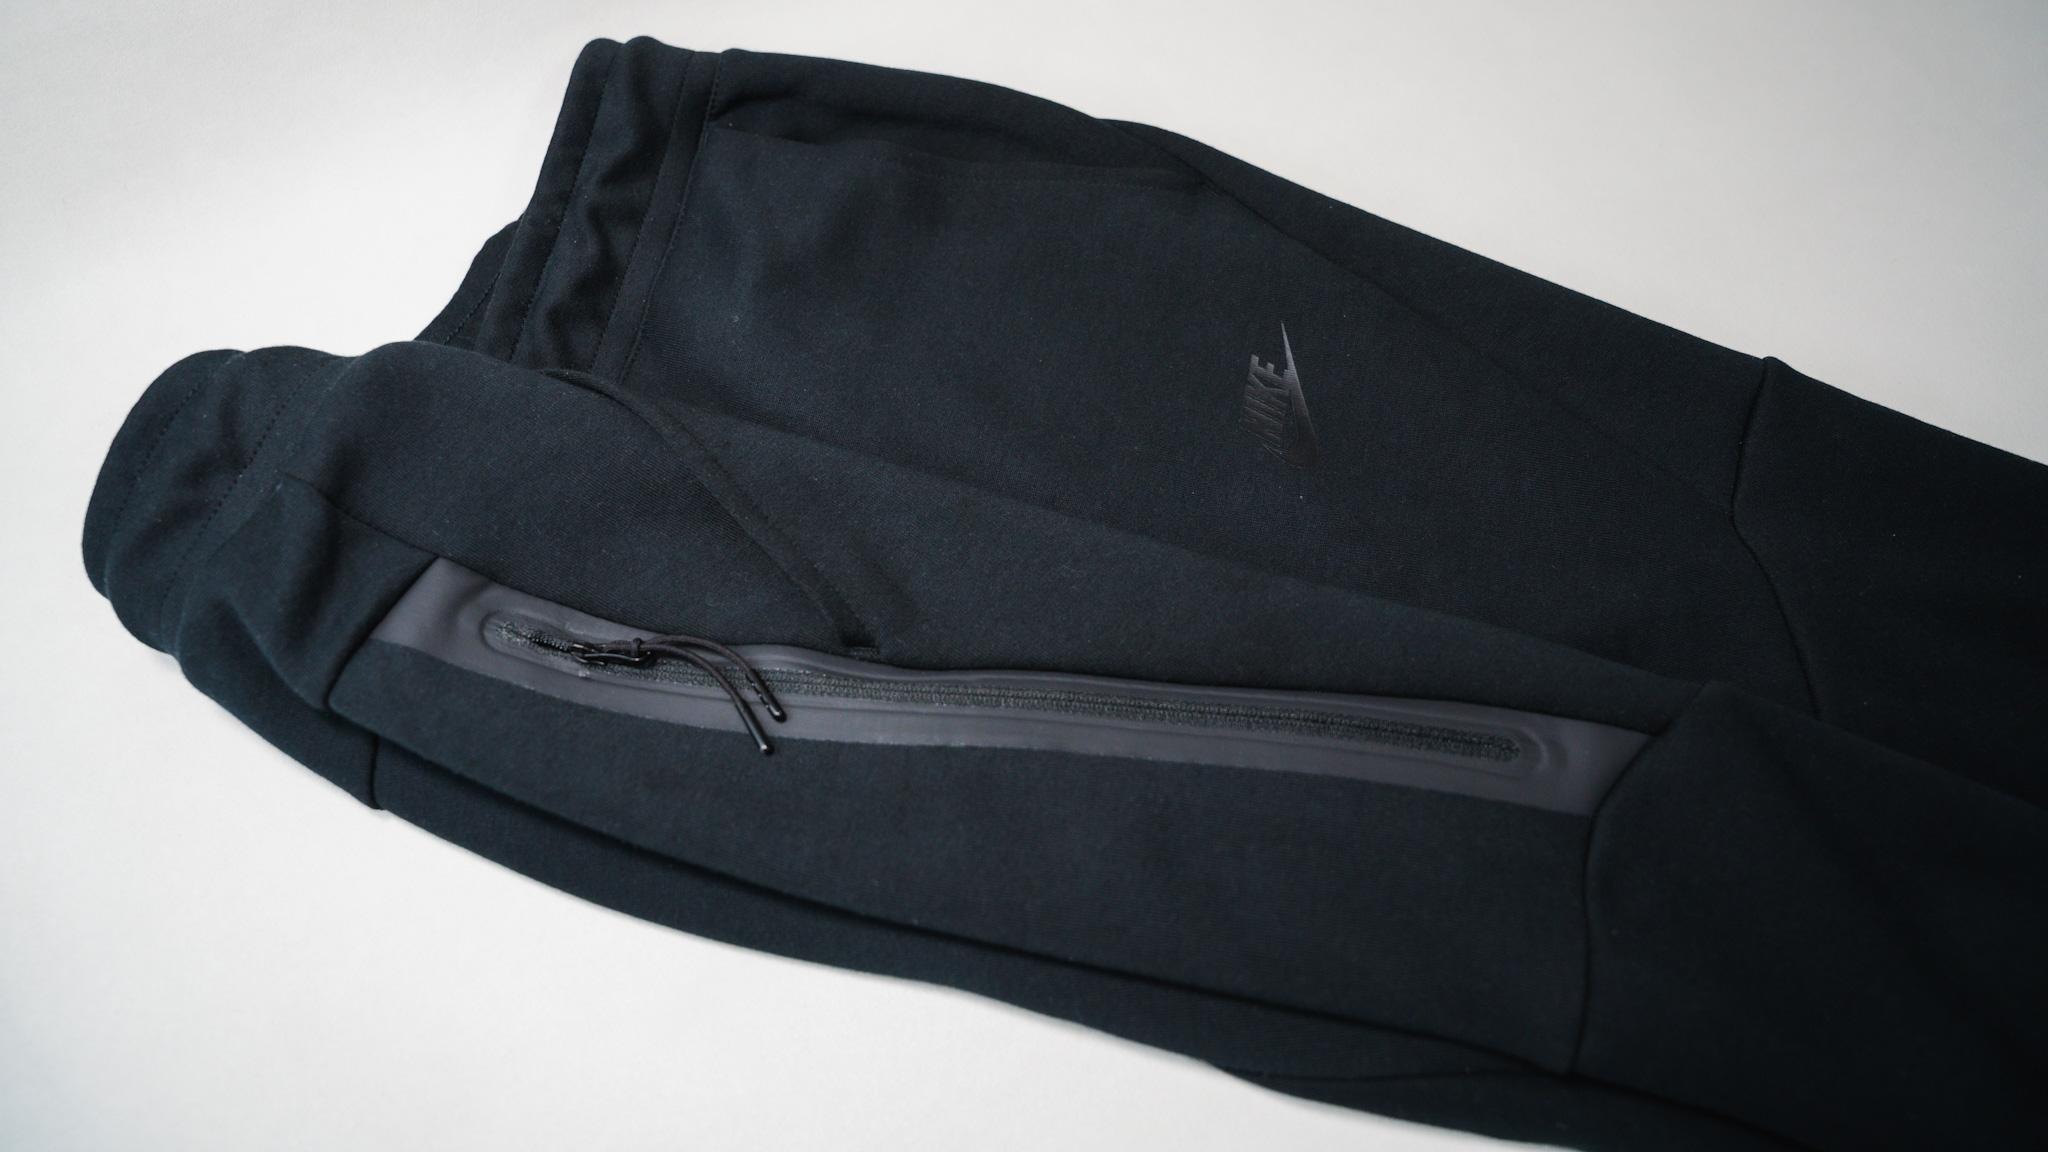 【レビュー】NIKE(ナイキ) テックフリース ジョガーパンツ ジッパー式のサイドポケット